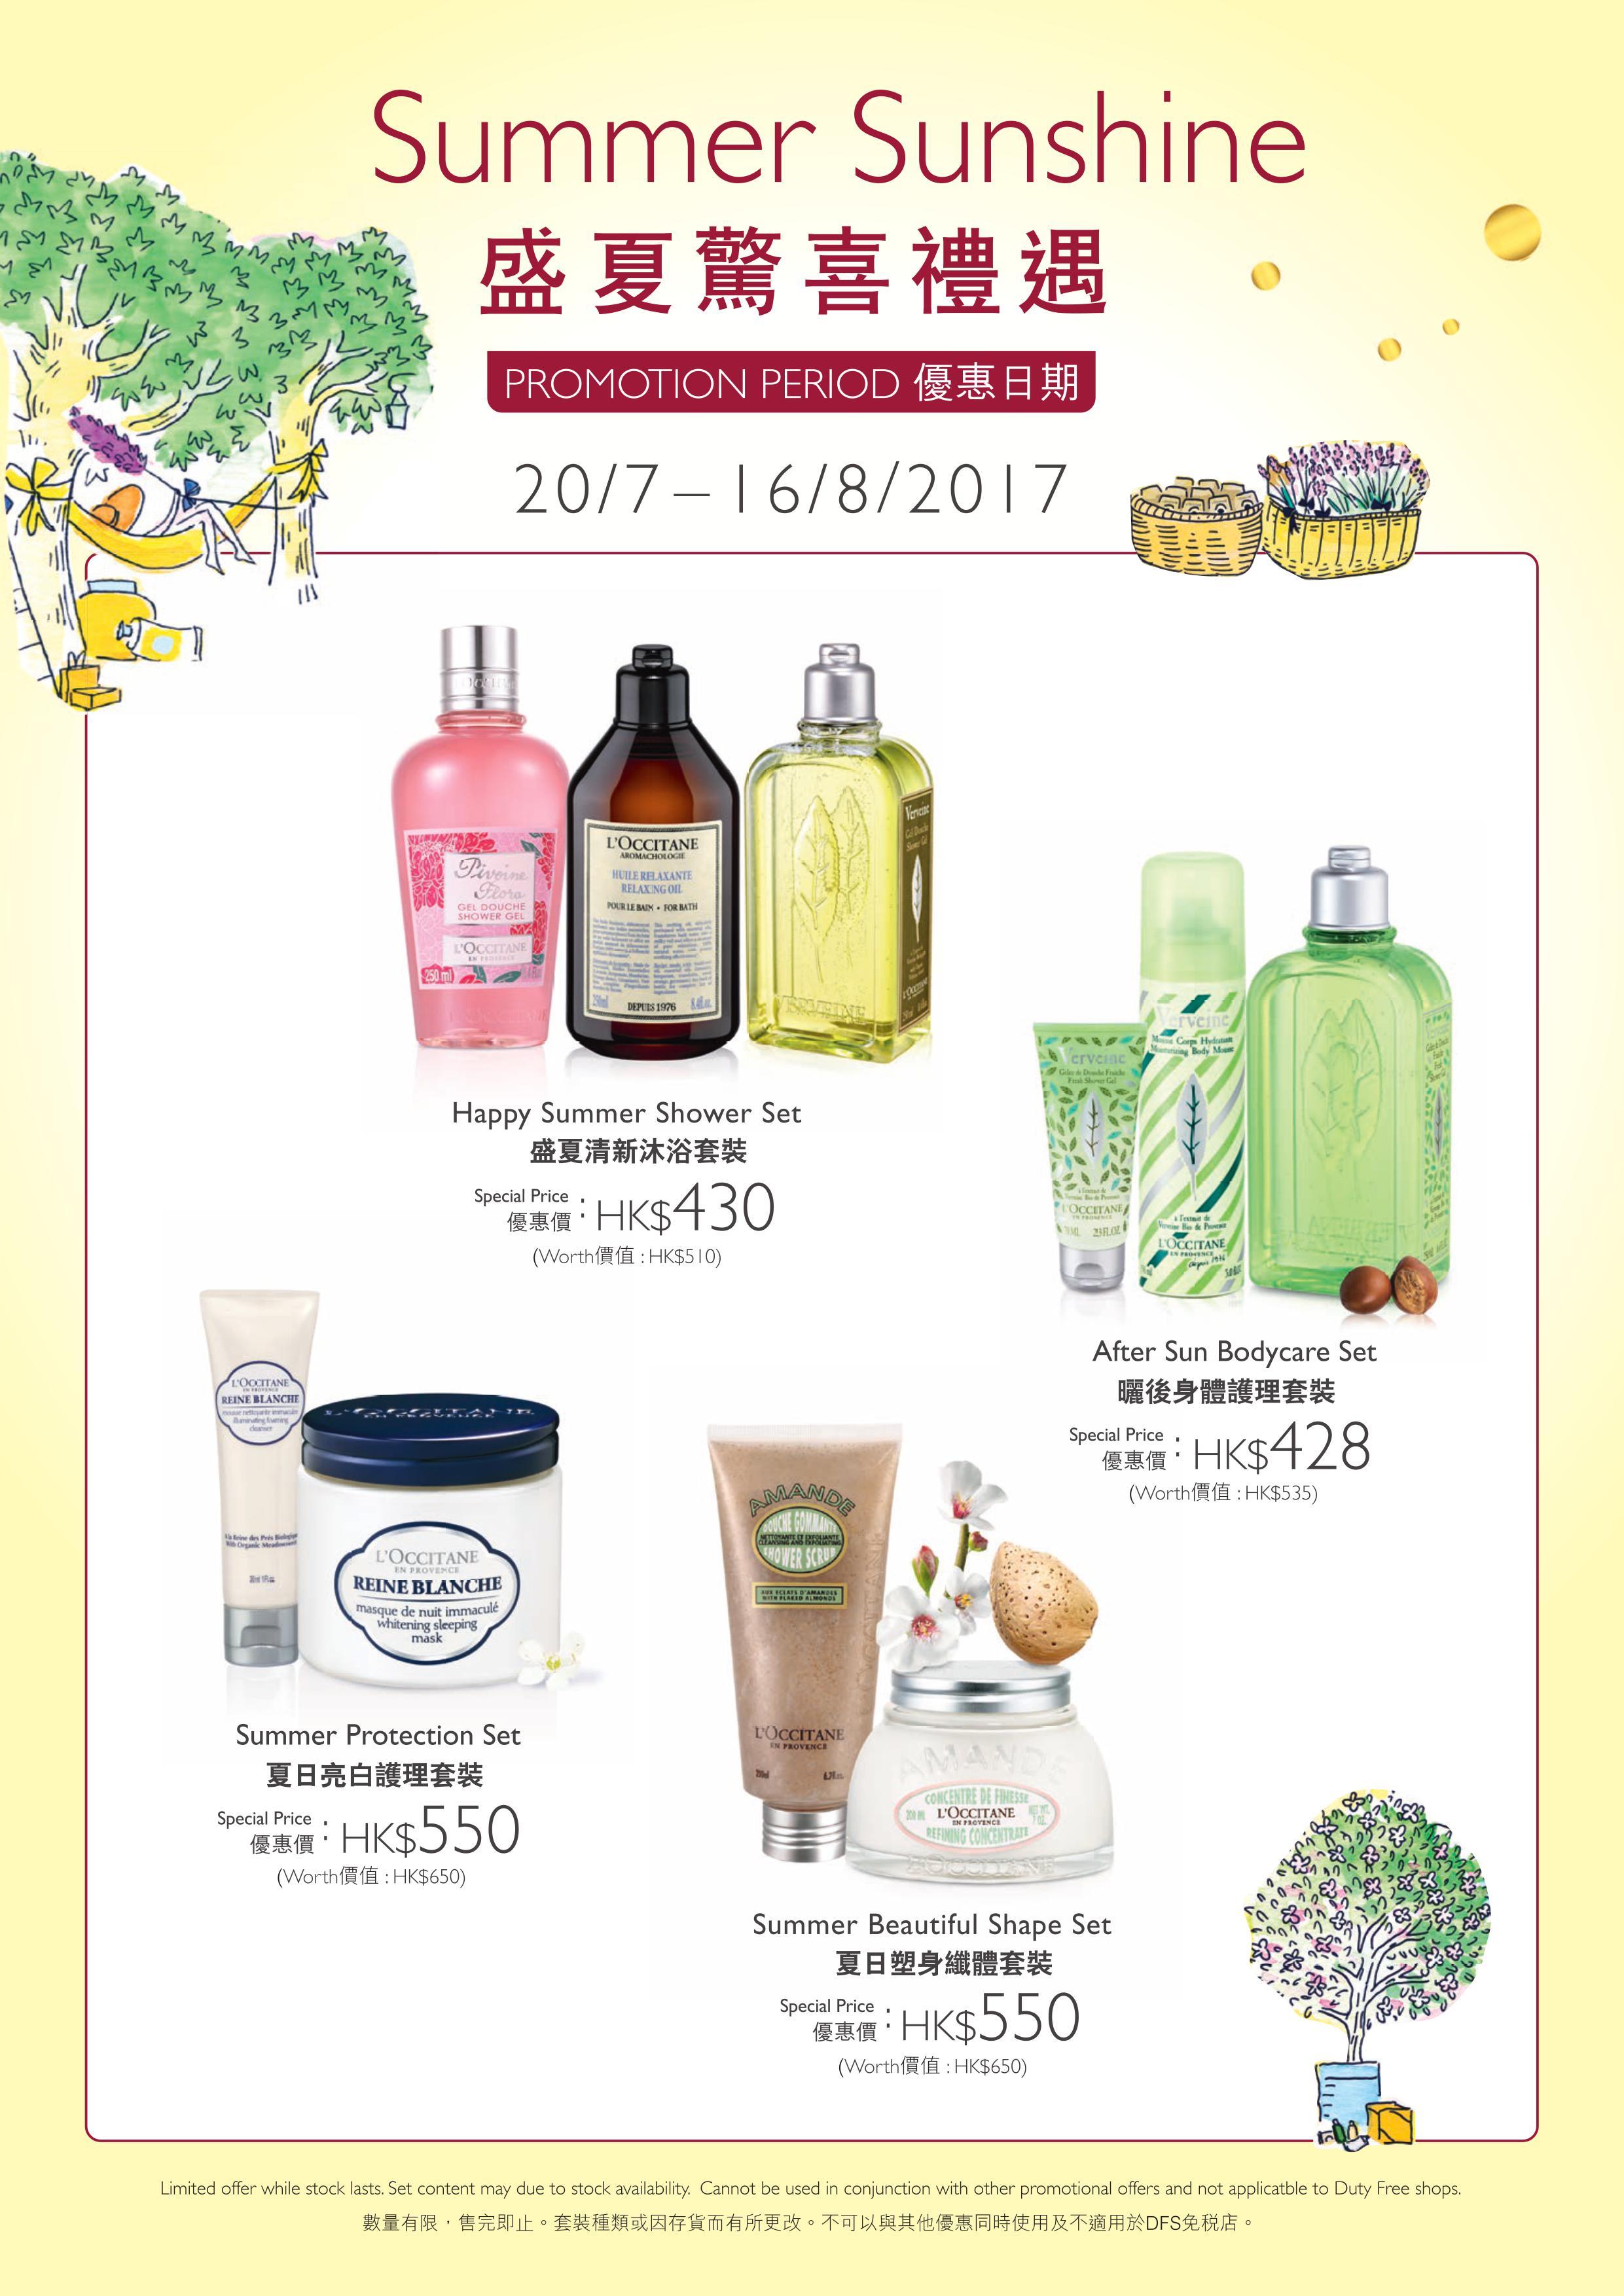 Summer Sunshine Special Offer